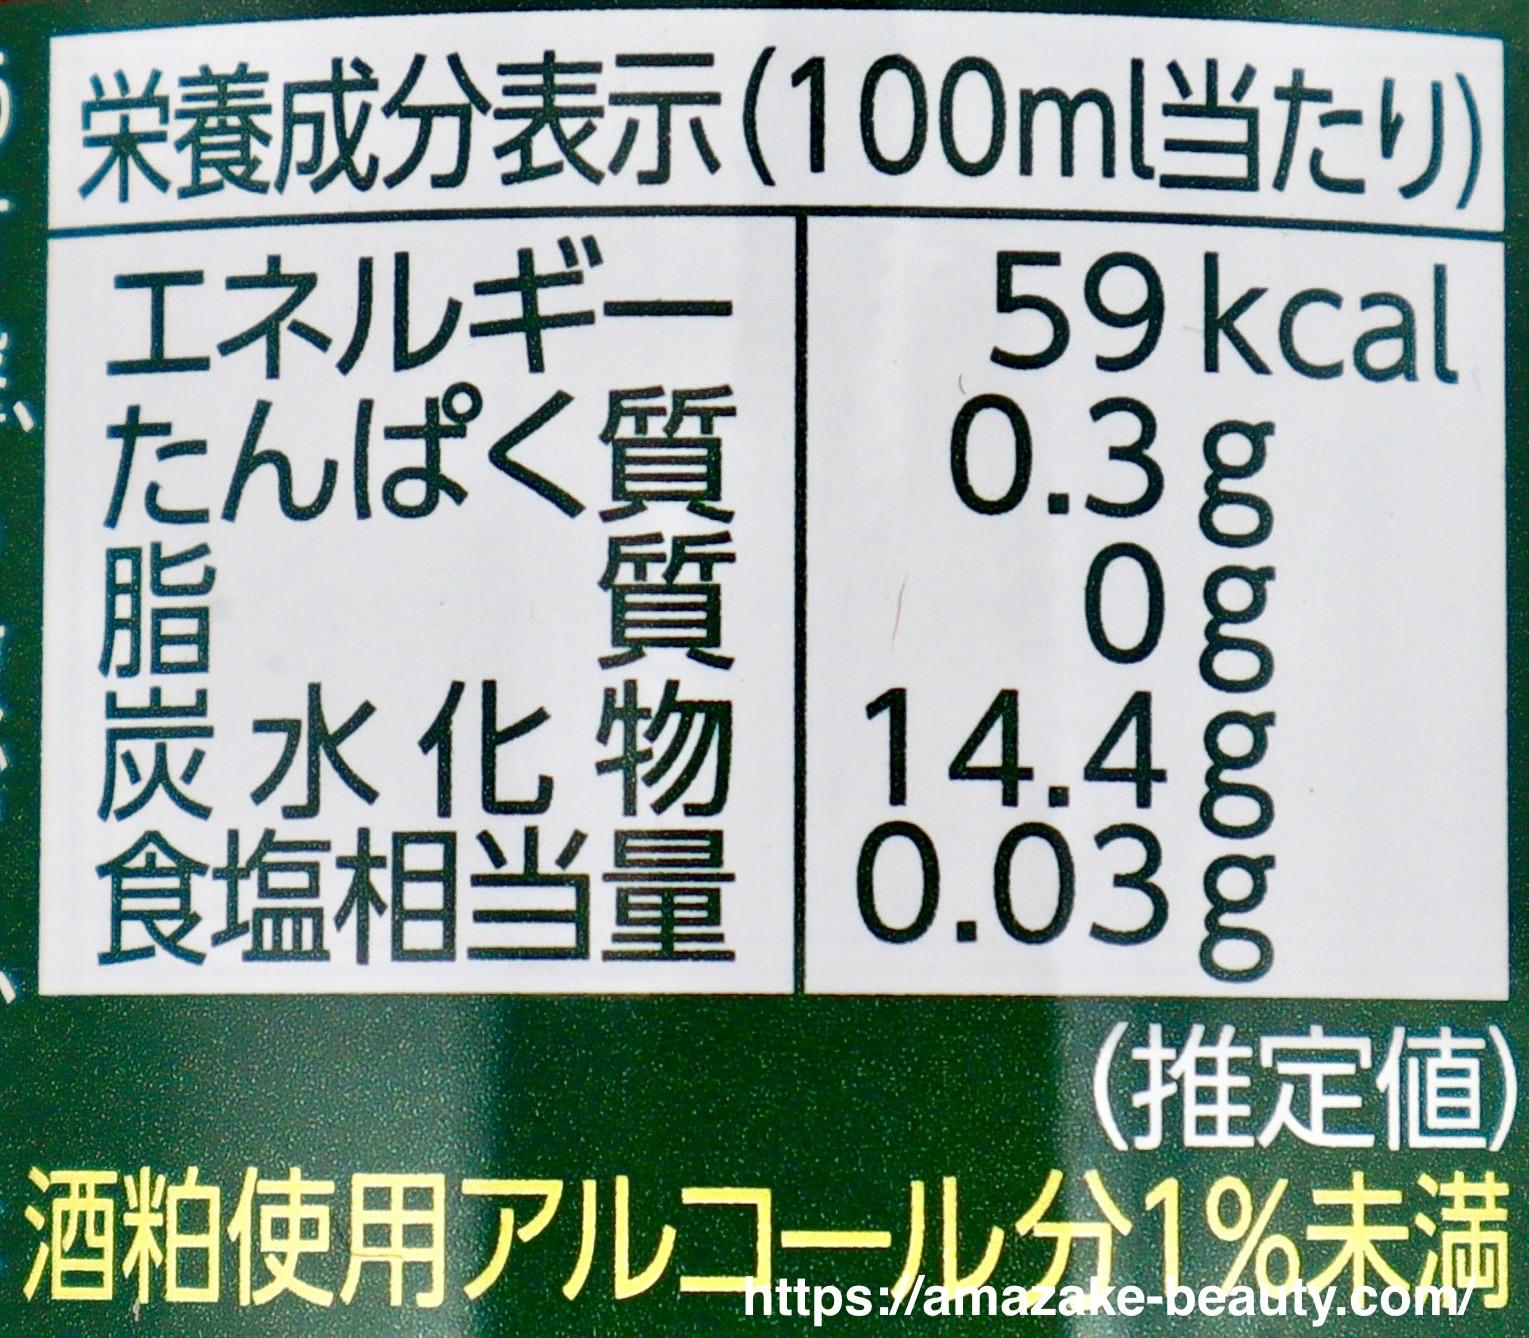 【甘酒】森永製菓『スパークリング甘酒(ジンジャー)』(栄養成分表示)